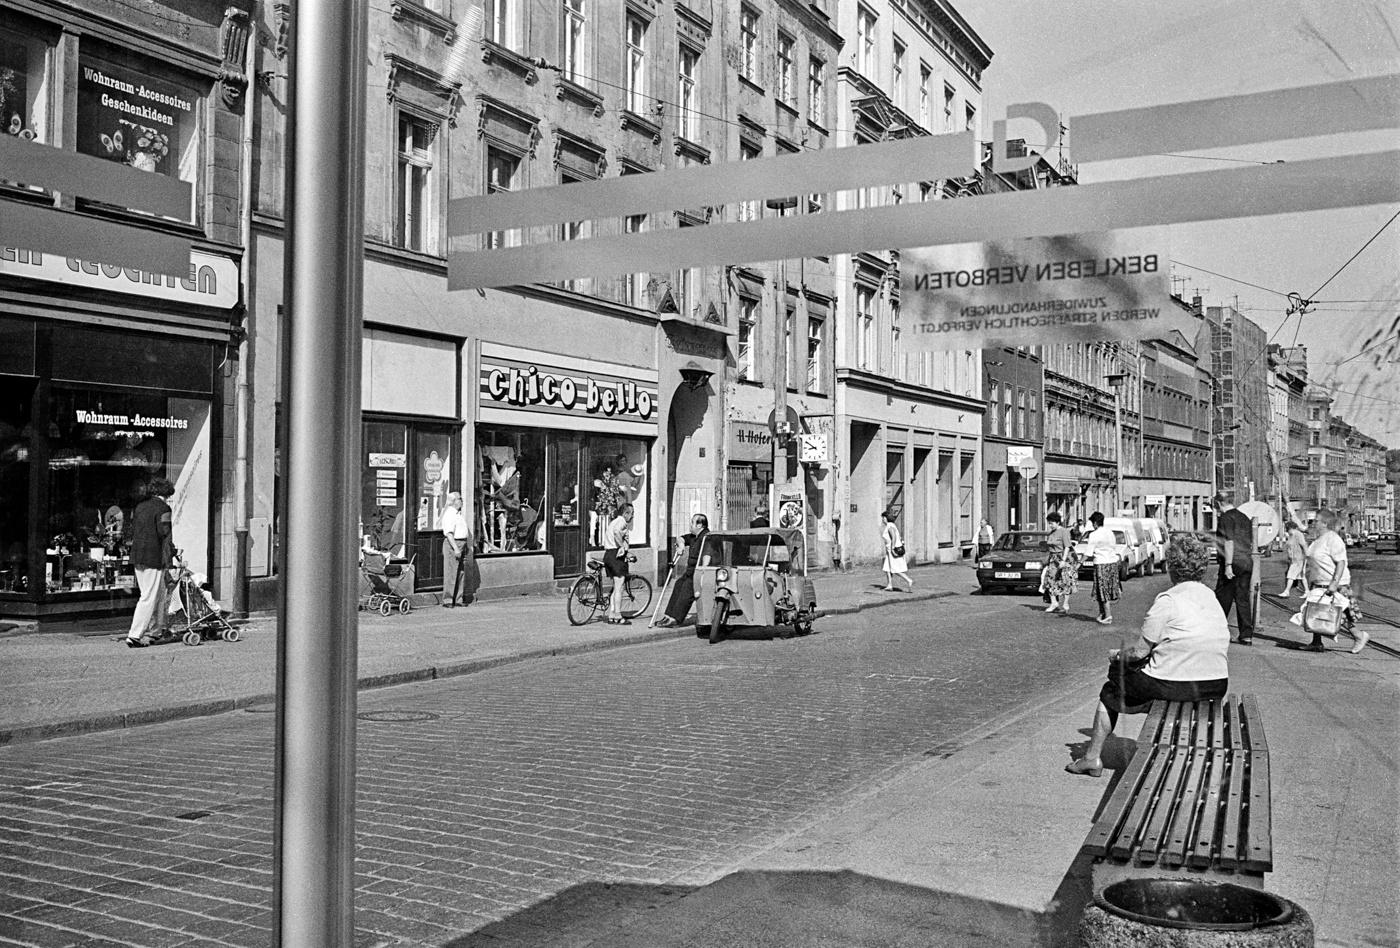 Straßenszene in Görlitz